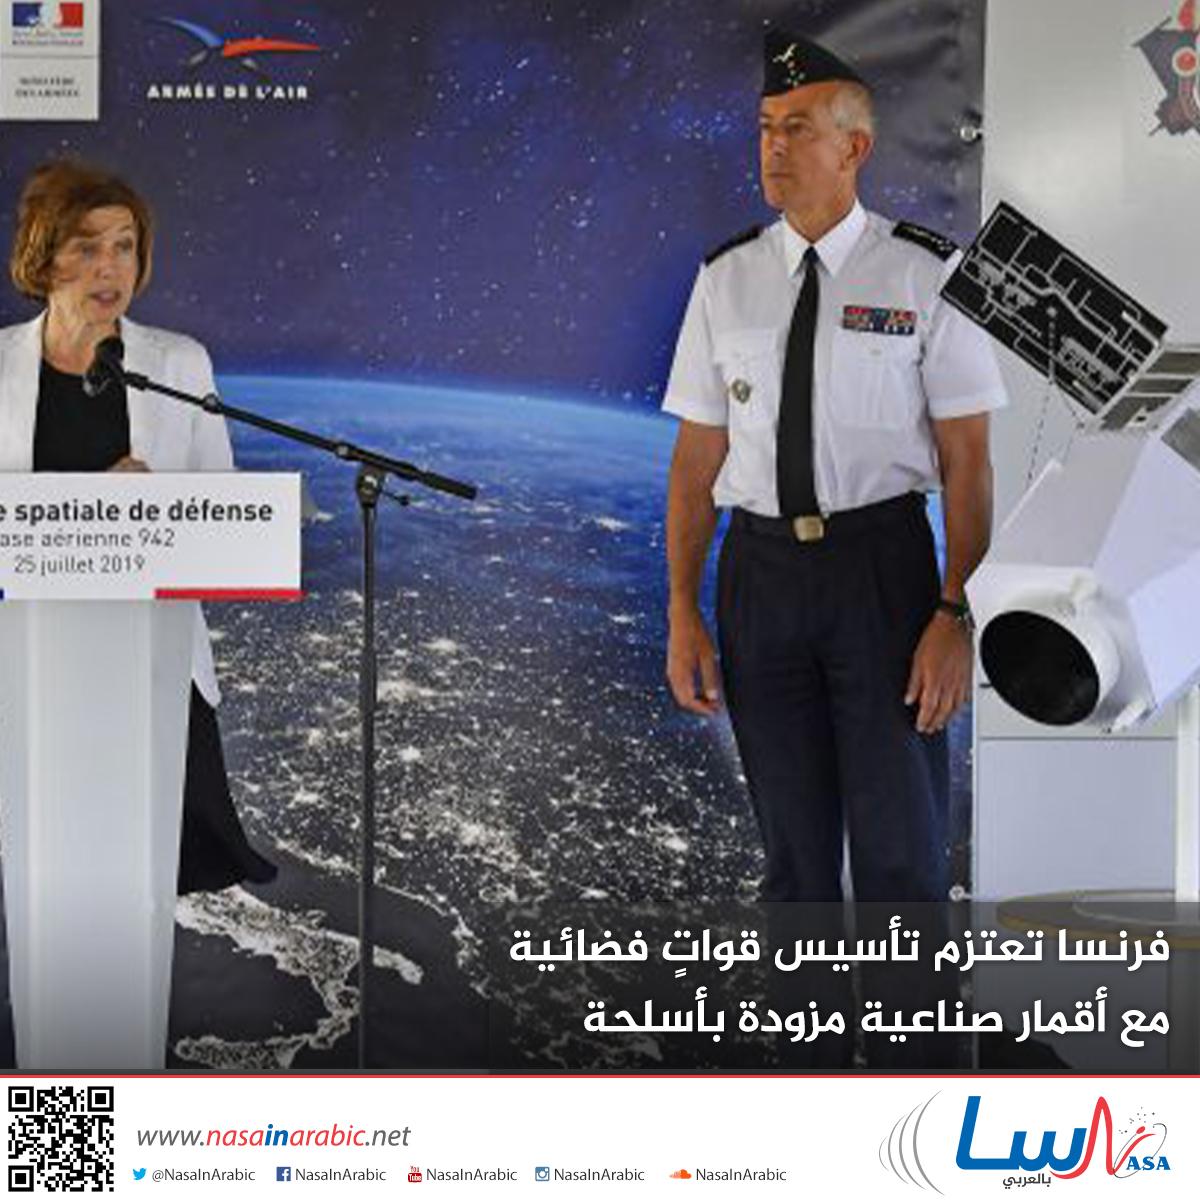 فرنسا تعتزم تأسيس قواتٍ فضائية مع أقمار صناعية مزودة بأسلحة